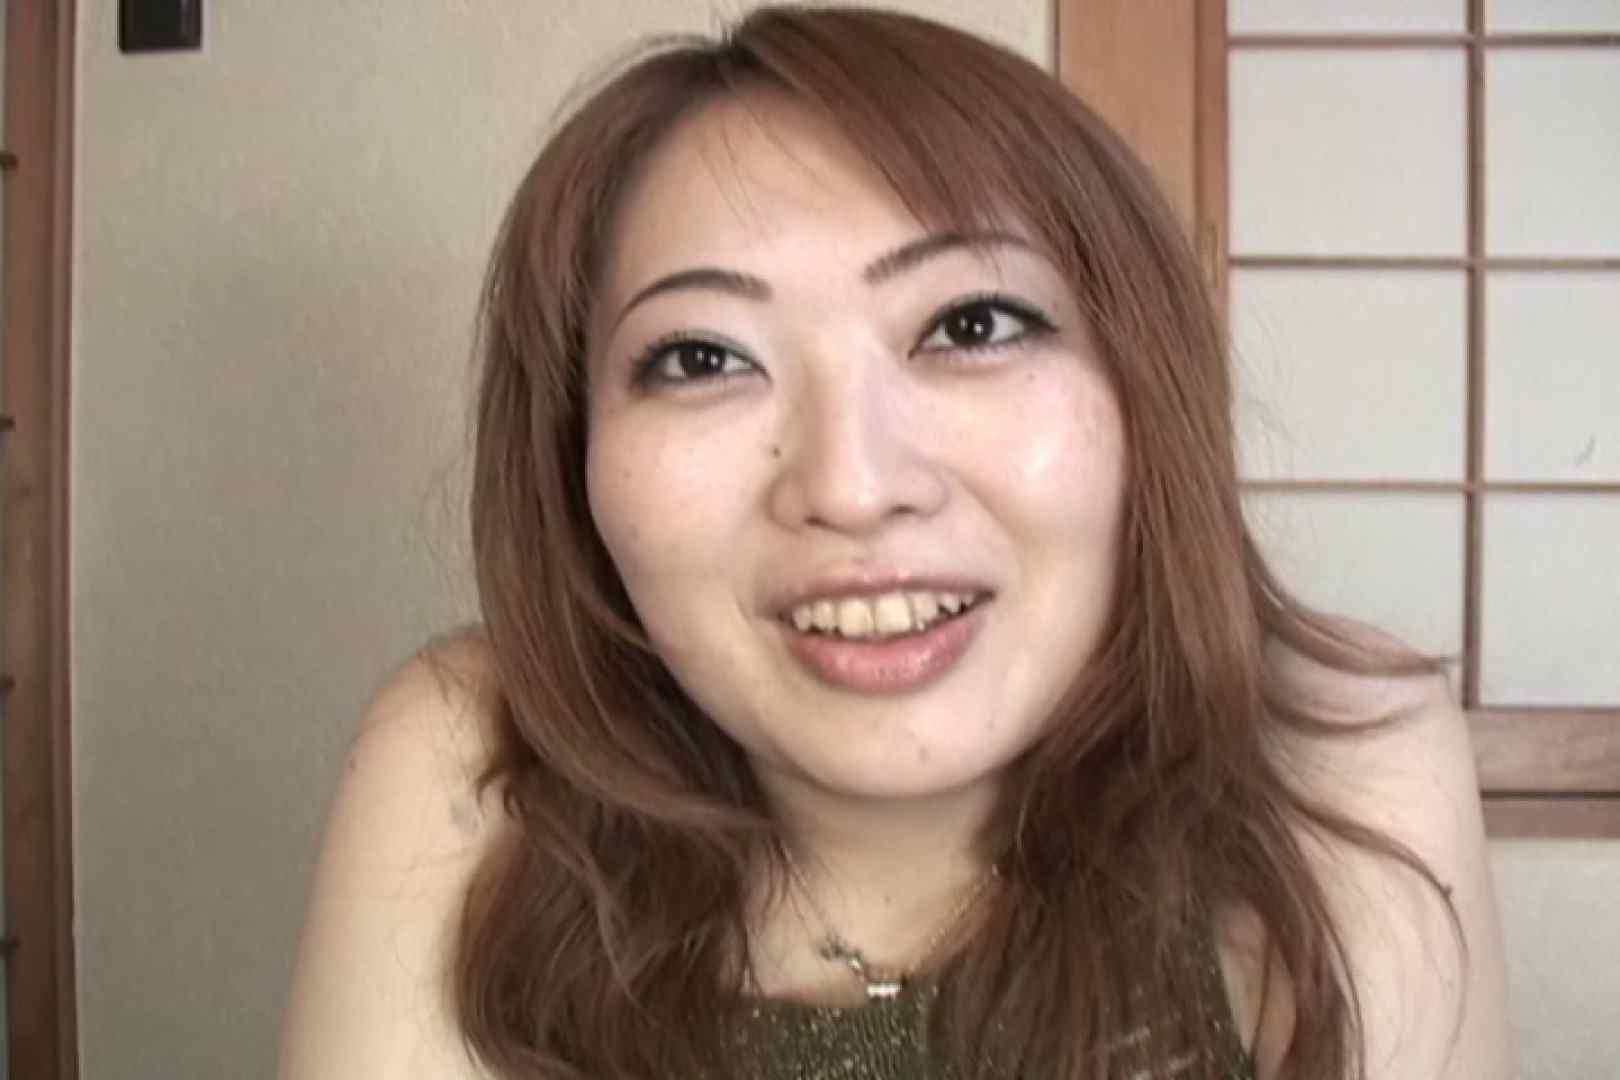 仕事で月200本のチンポを相手する22歳若人妻~桜井あい~ 電マ えろ無修正画像 108pic 90